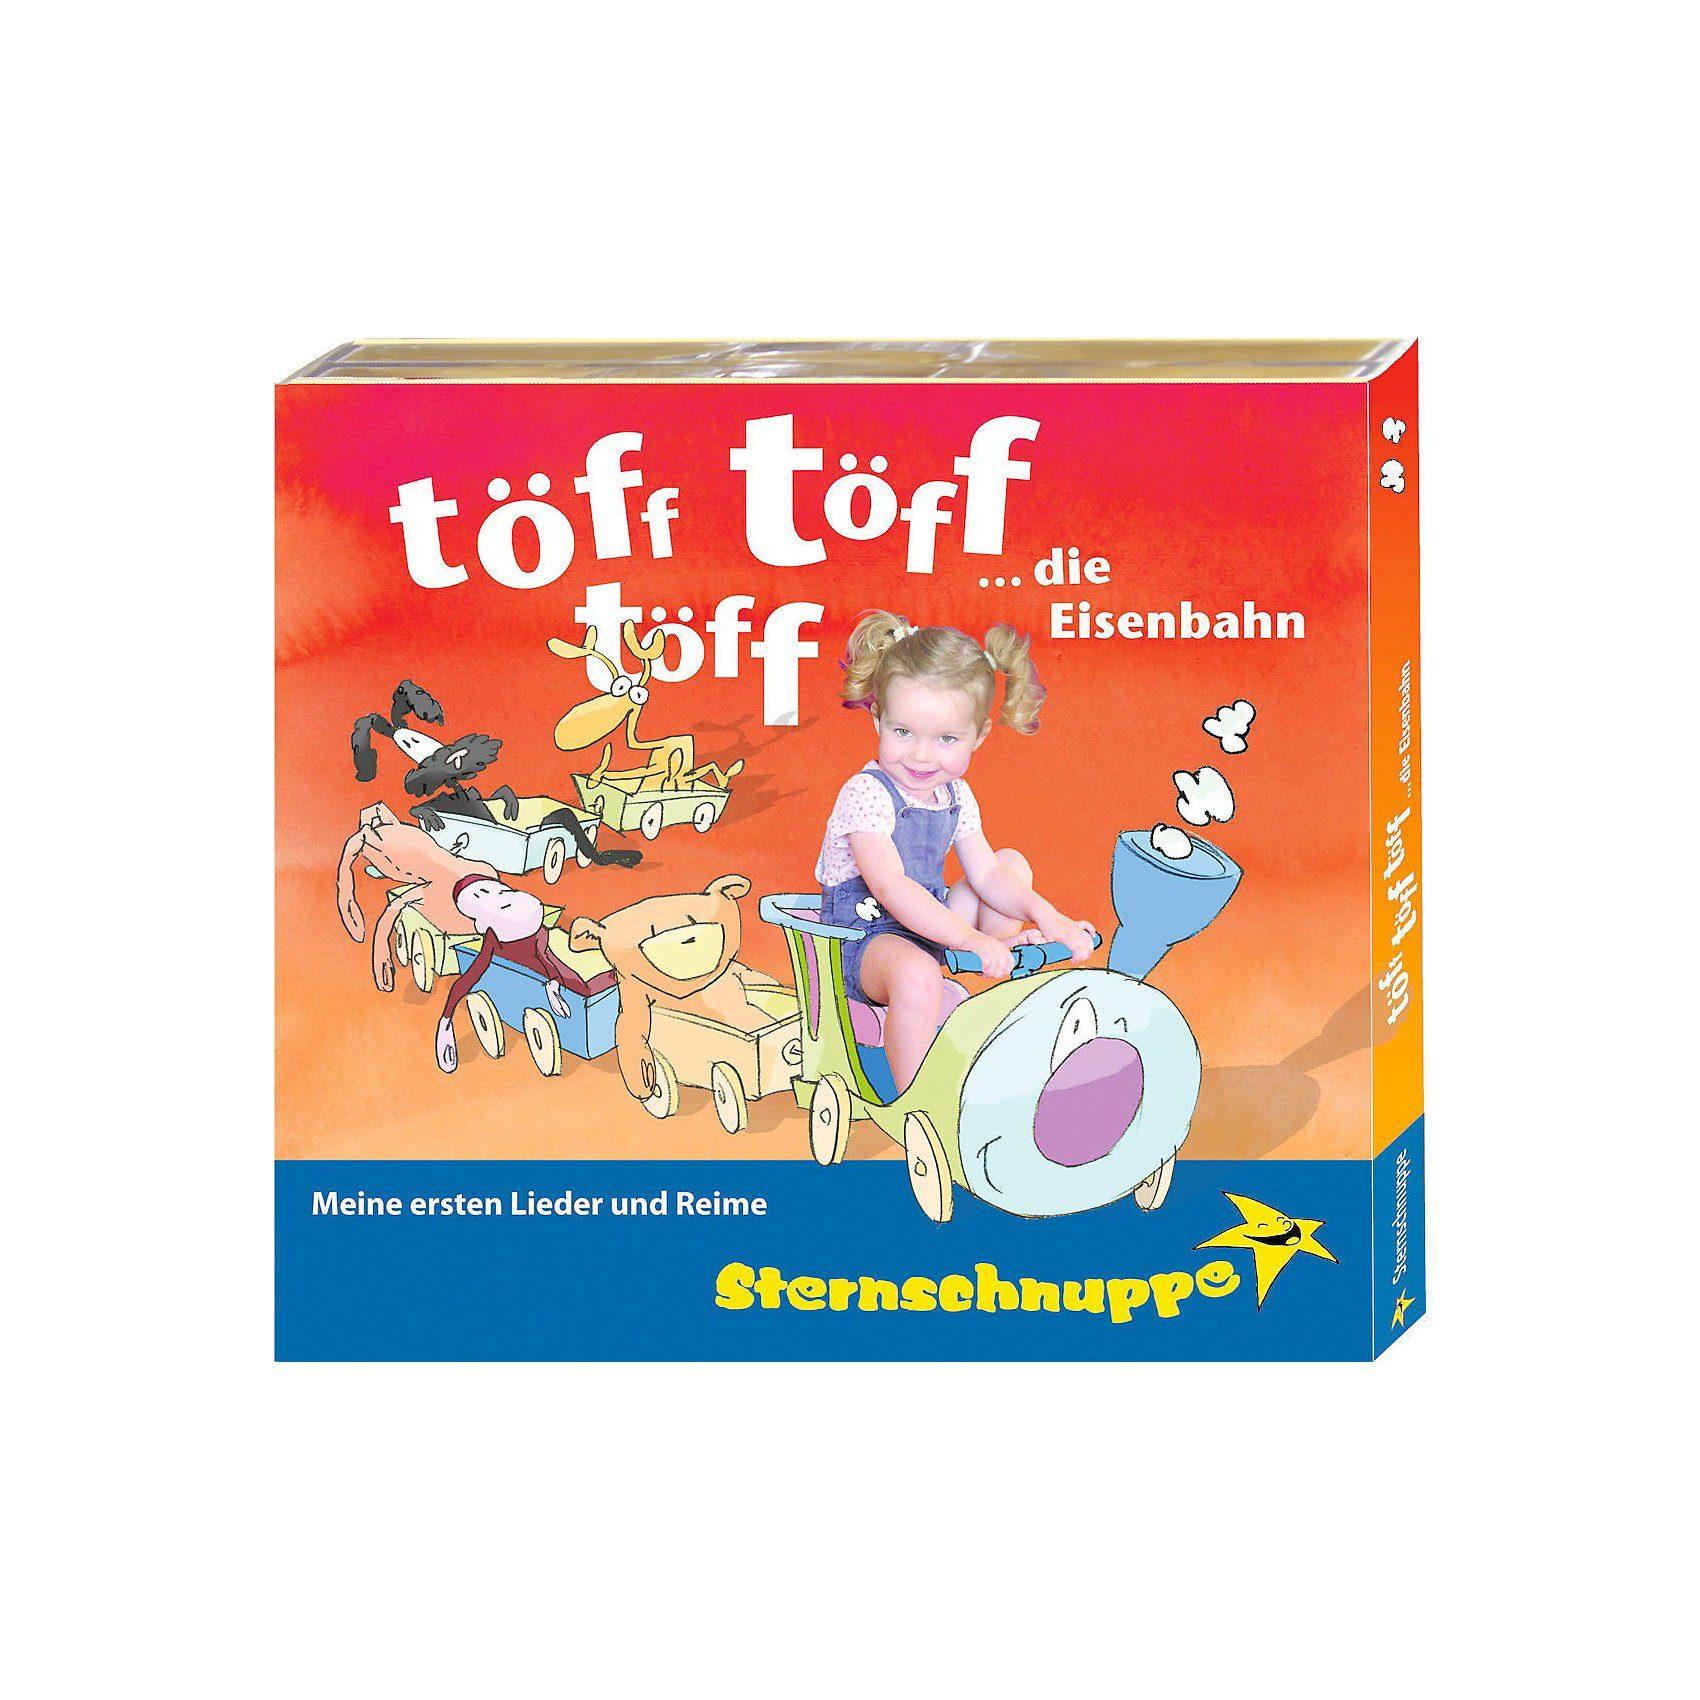 CD Sternschnuppe - Töff, töff, töff, die Eisenbahn